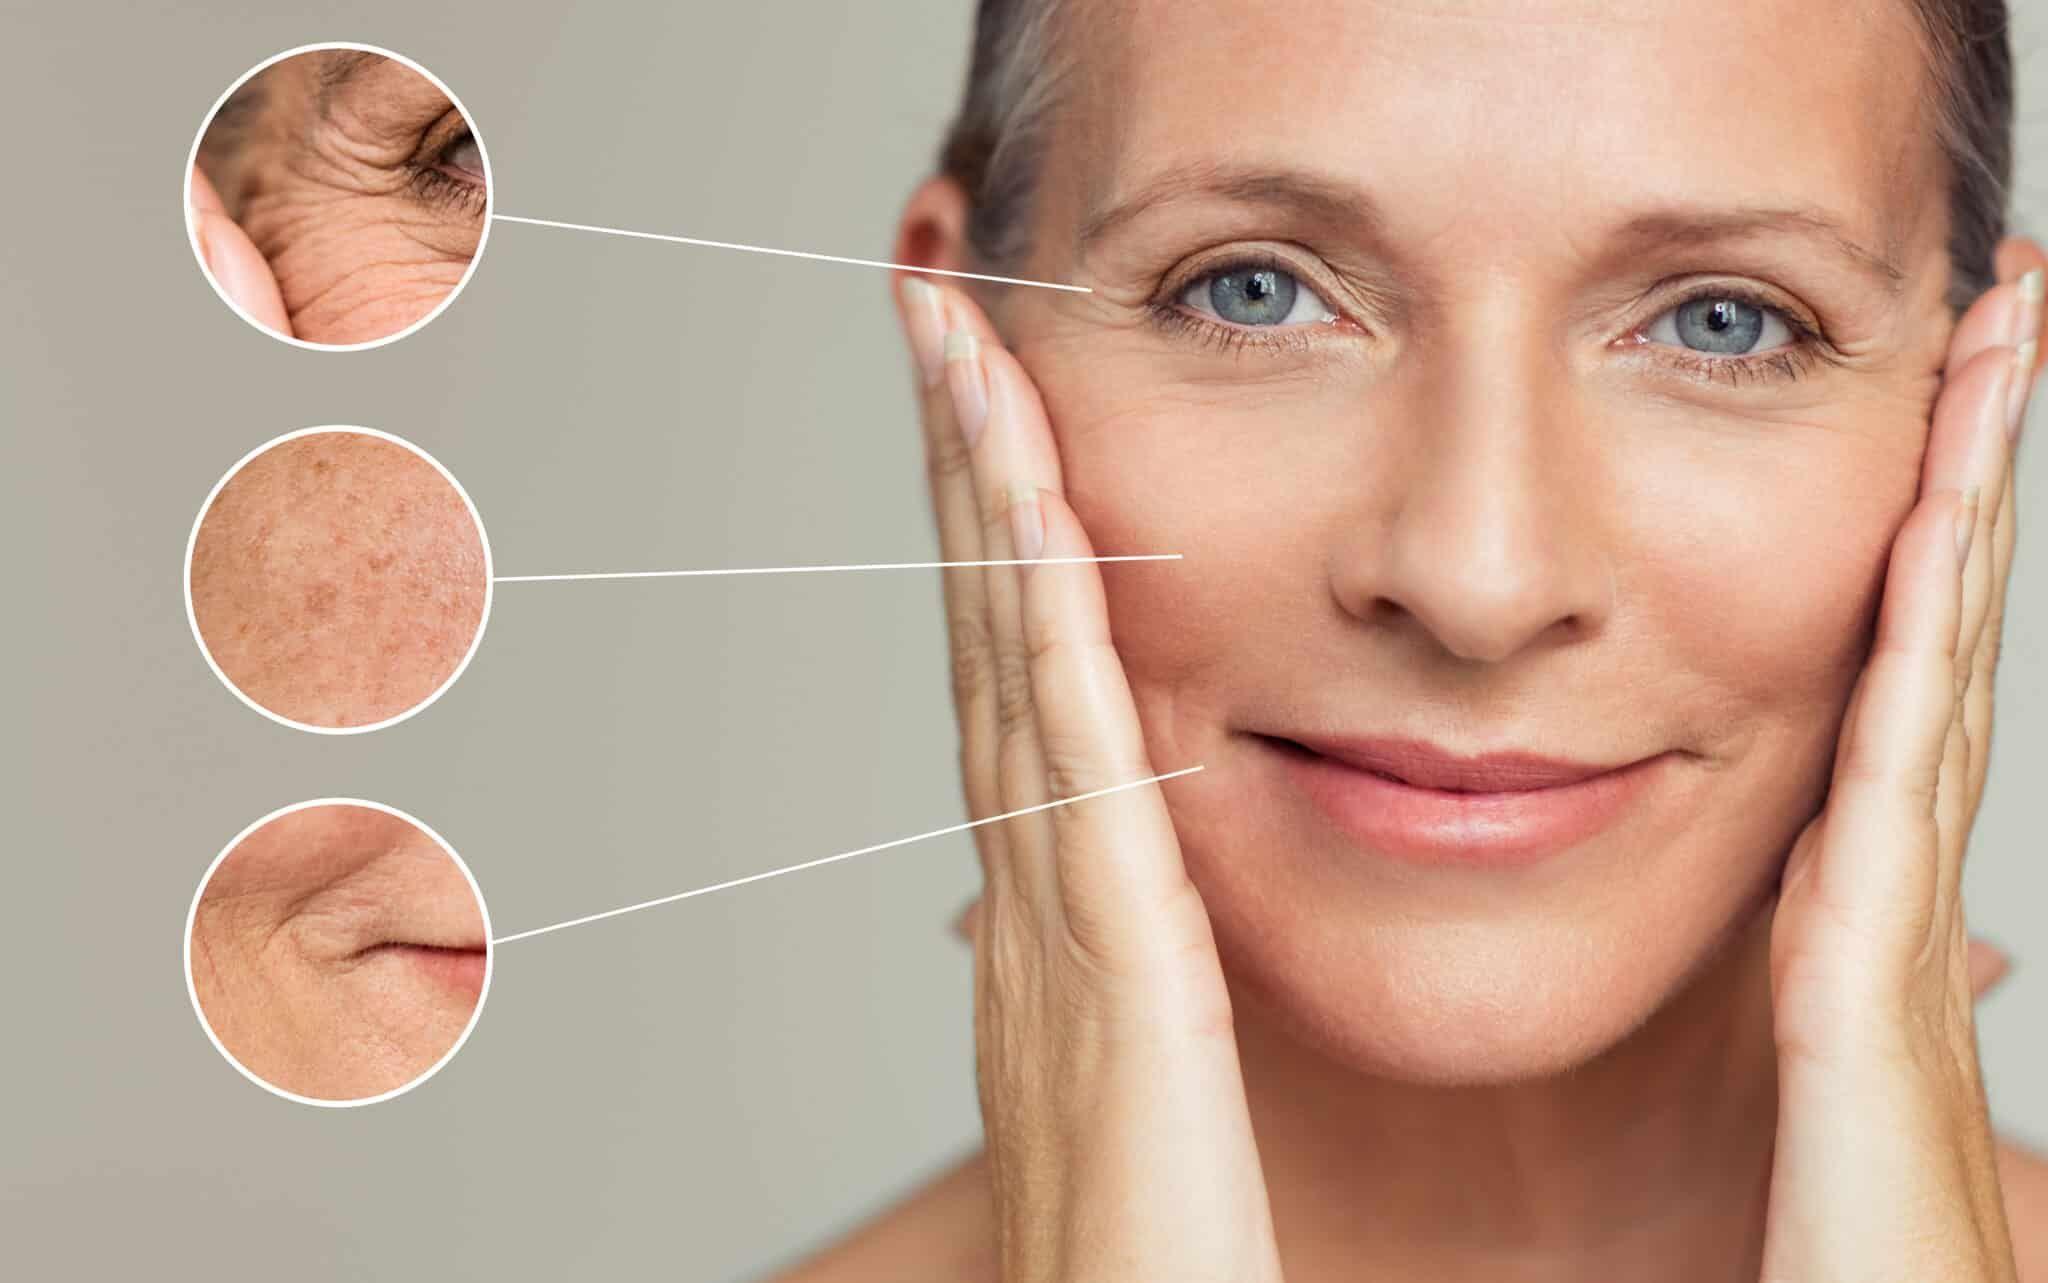 Jak poznáte, že vám vadí cukr, alkohol, lepek nebo mléko? Prohlédněte si svůj  obličej! - vozeli.com